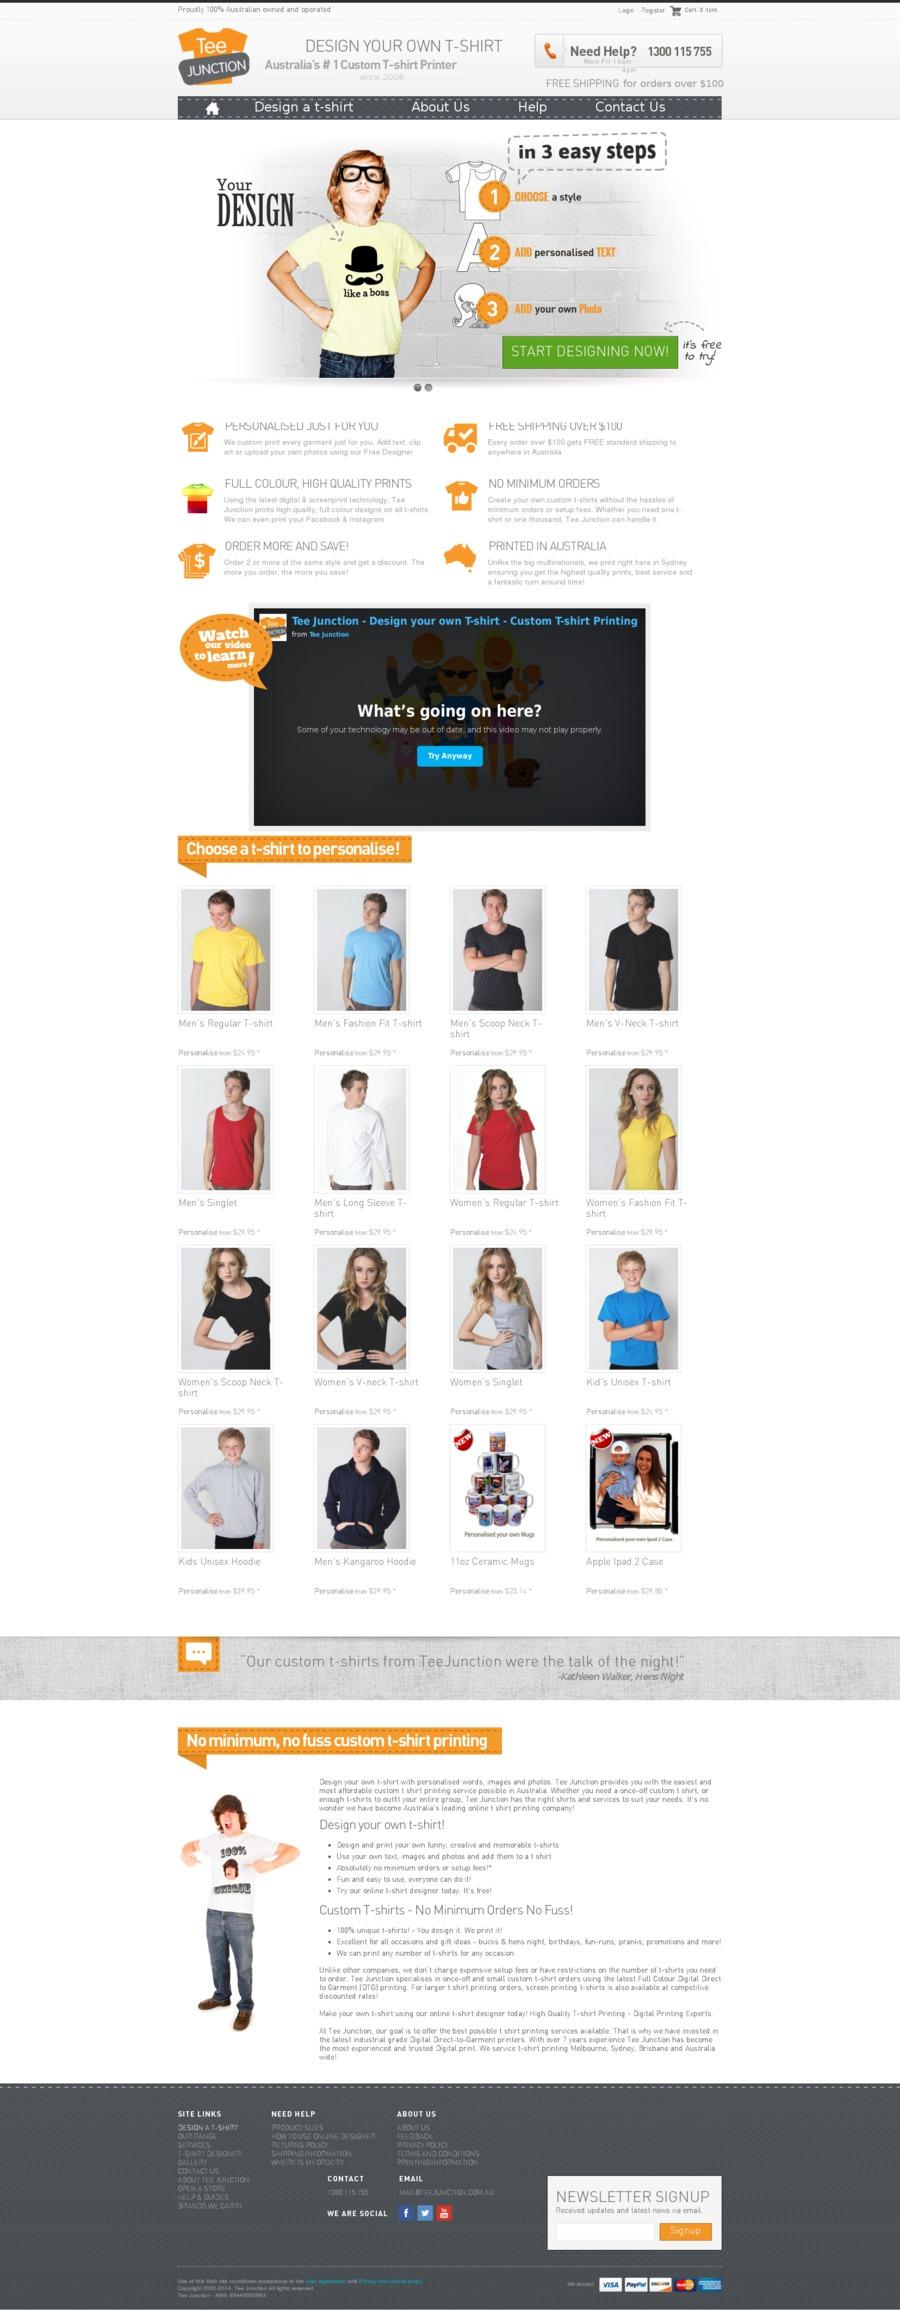 A great web design by haggyskis, New York, NY: